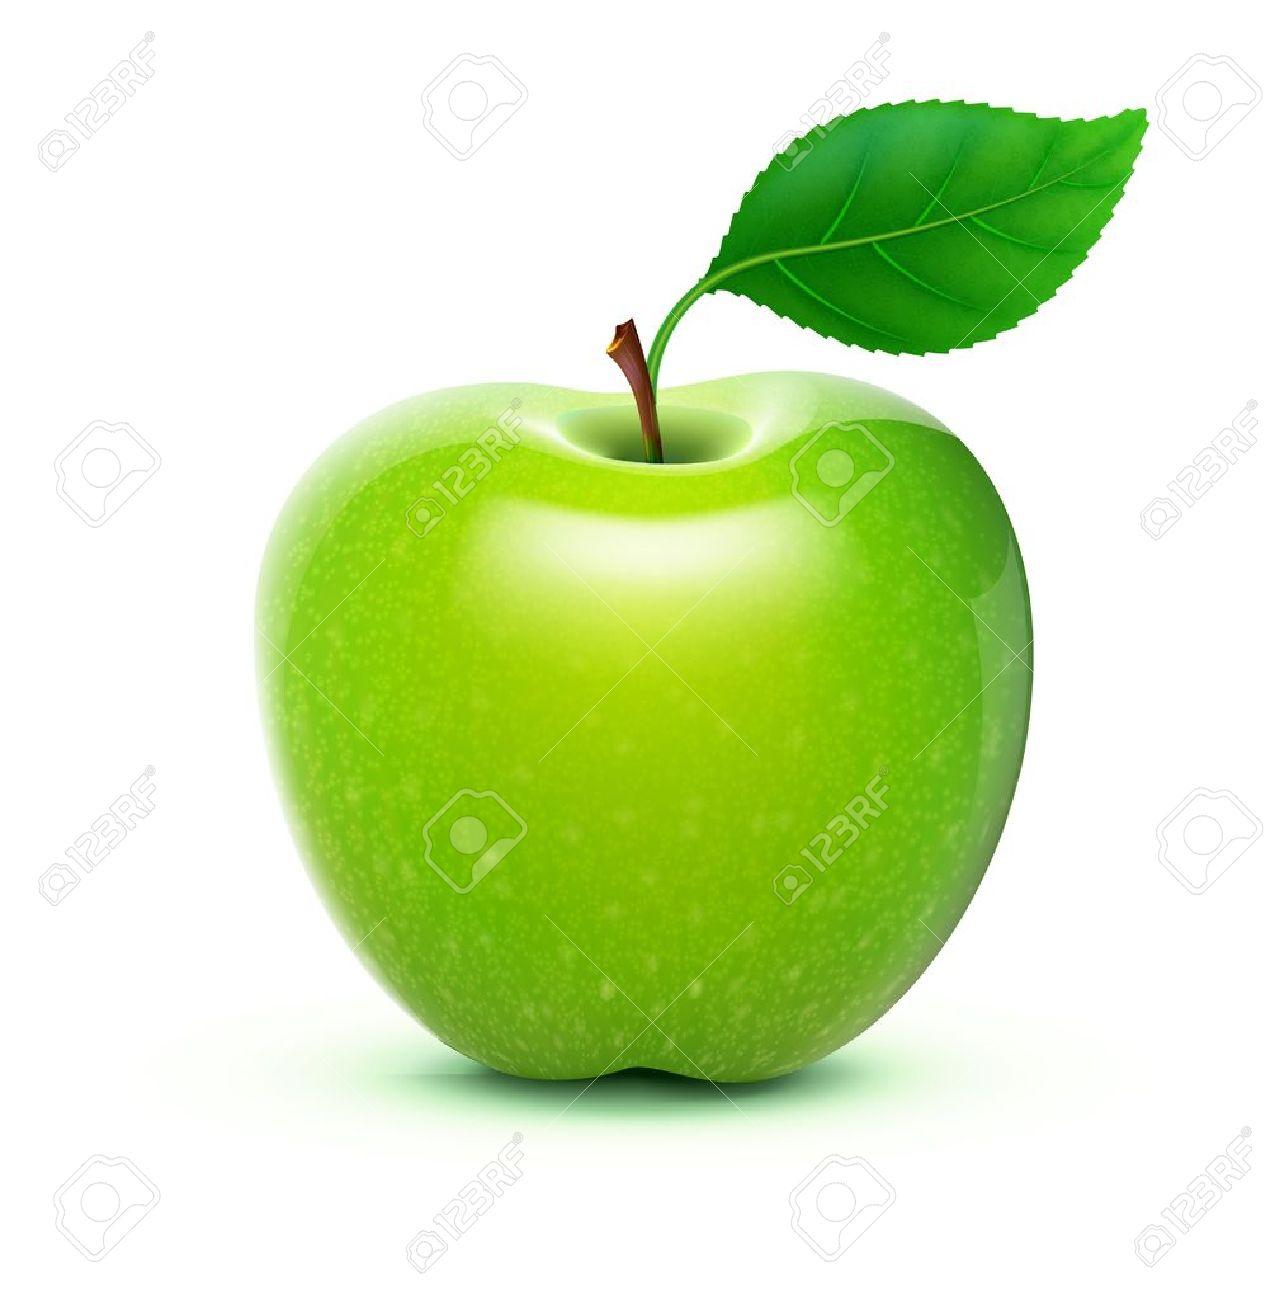 Detallada Ilustración De Grande Y Brillante De Color Verde Manzana ...